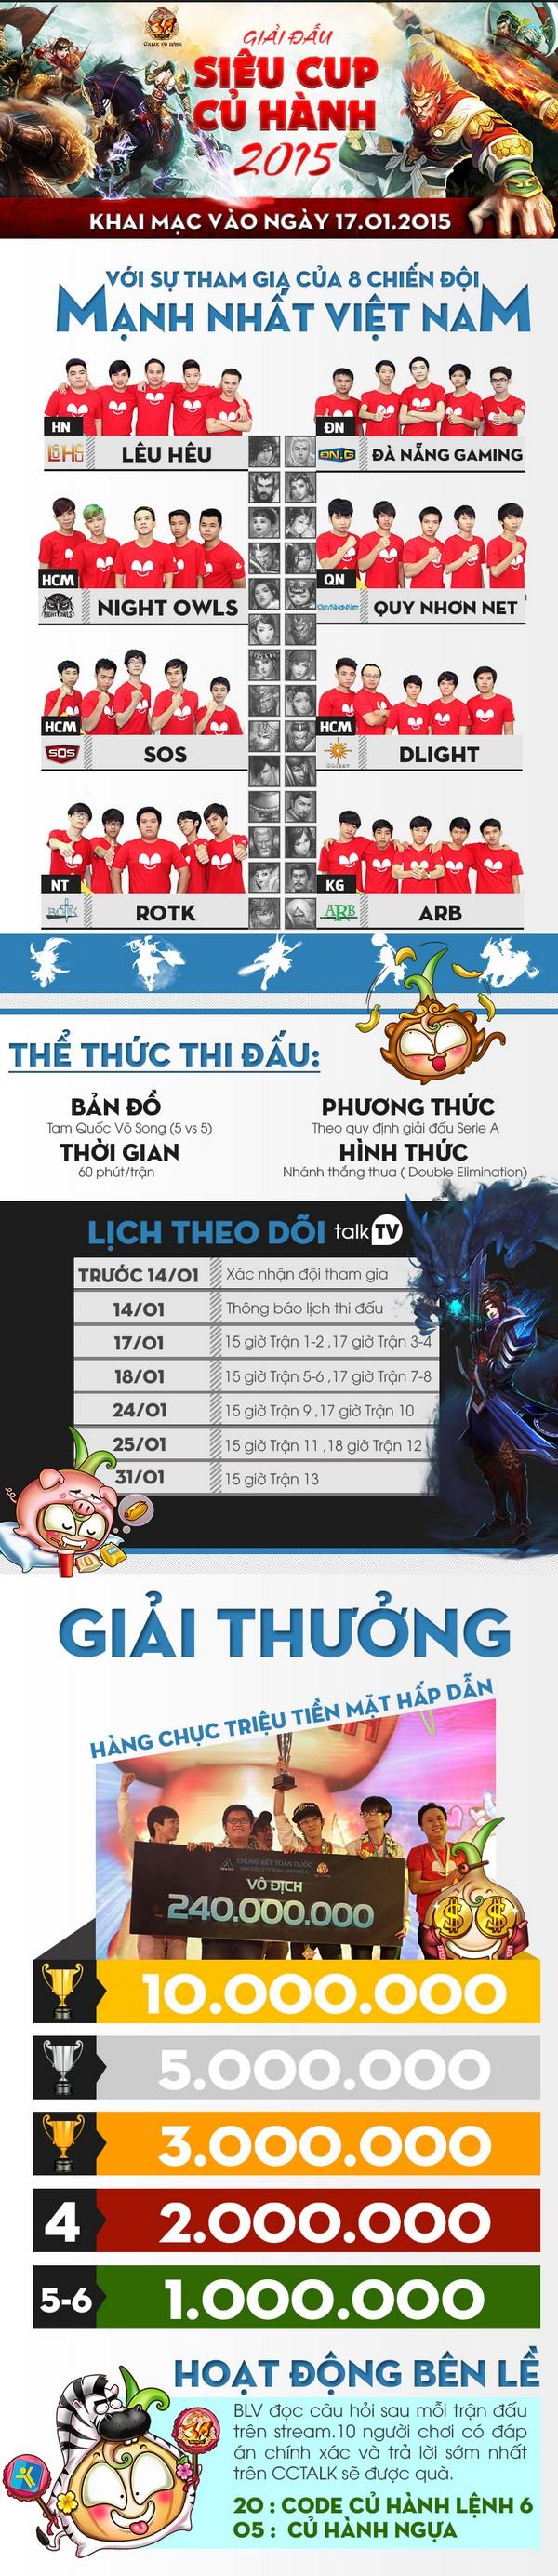 3Q Củ Hành khởi tranh giải đấu 8 đội mạnh nhất Việt Nam - Hình 1